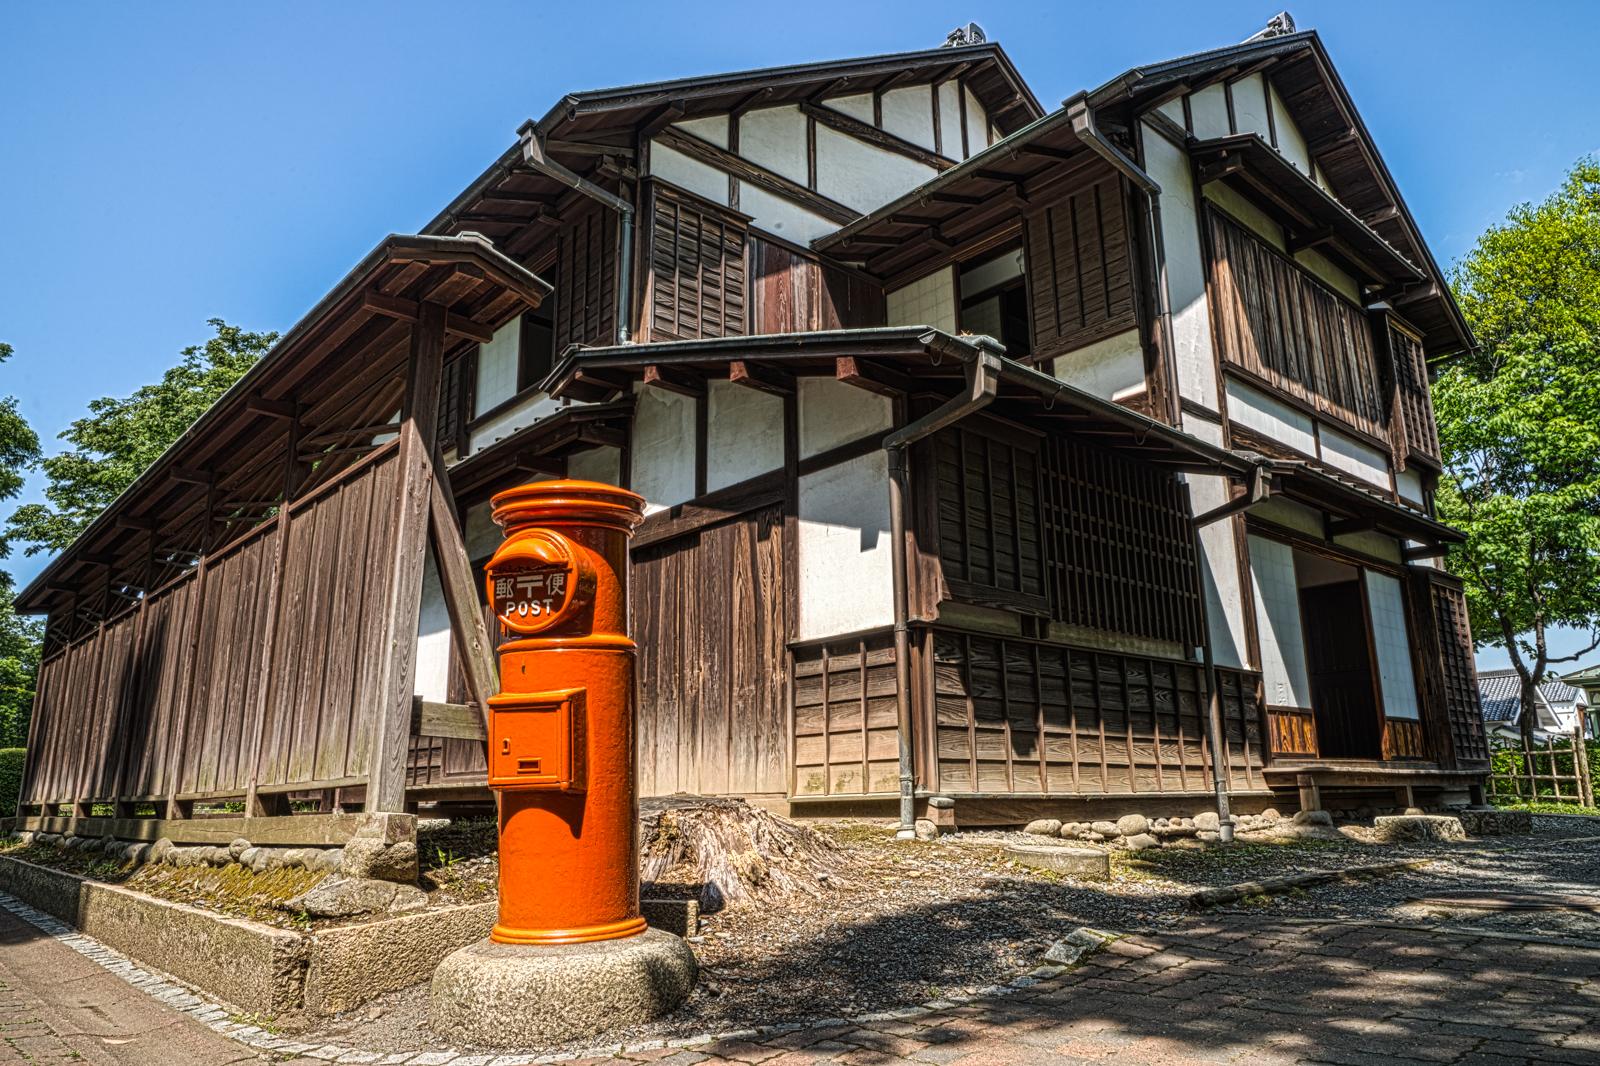 府中郷土の森博物館、府中郵便取扱所のHDR写真